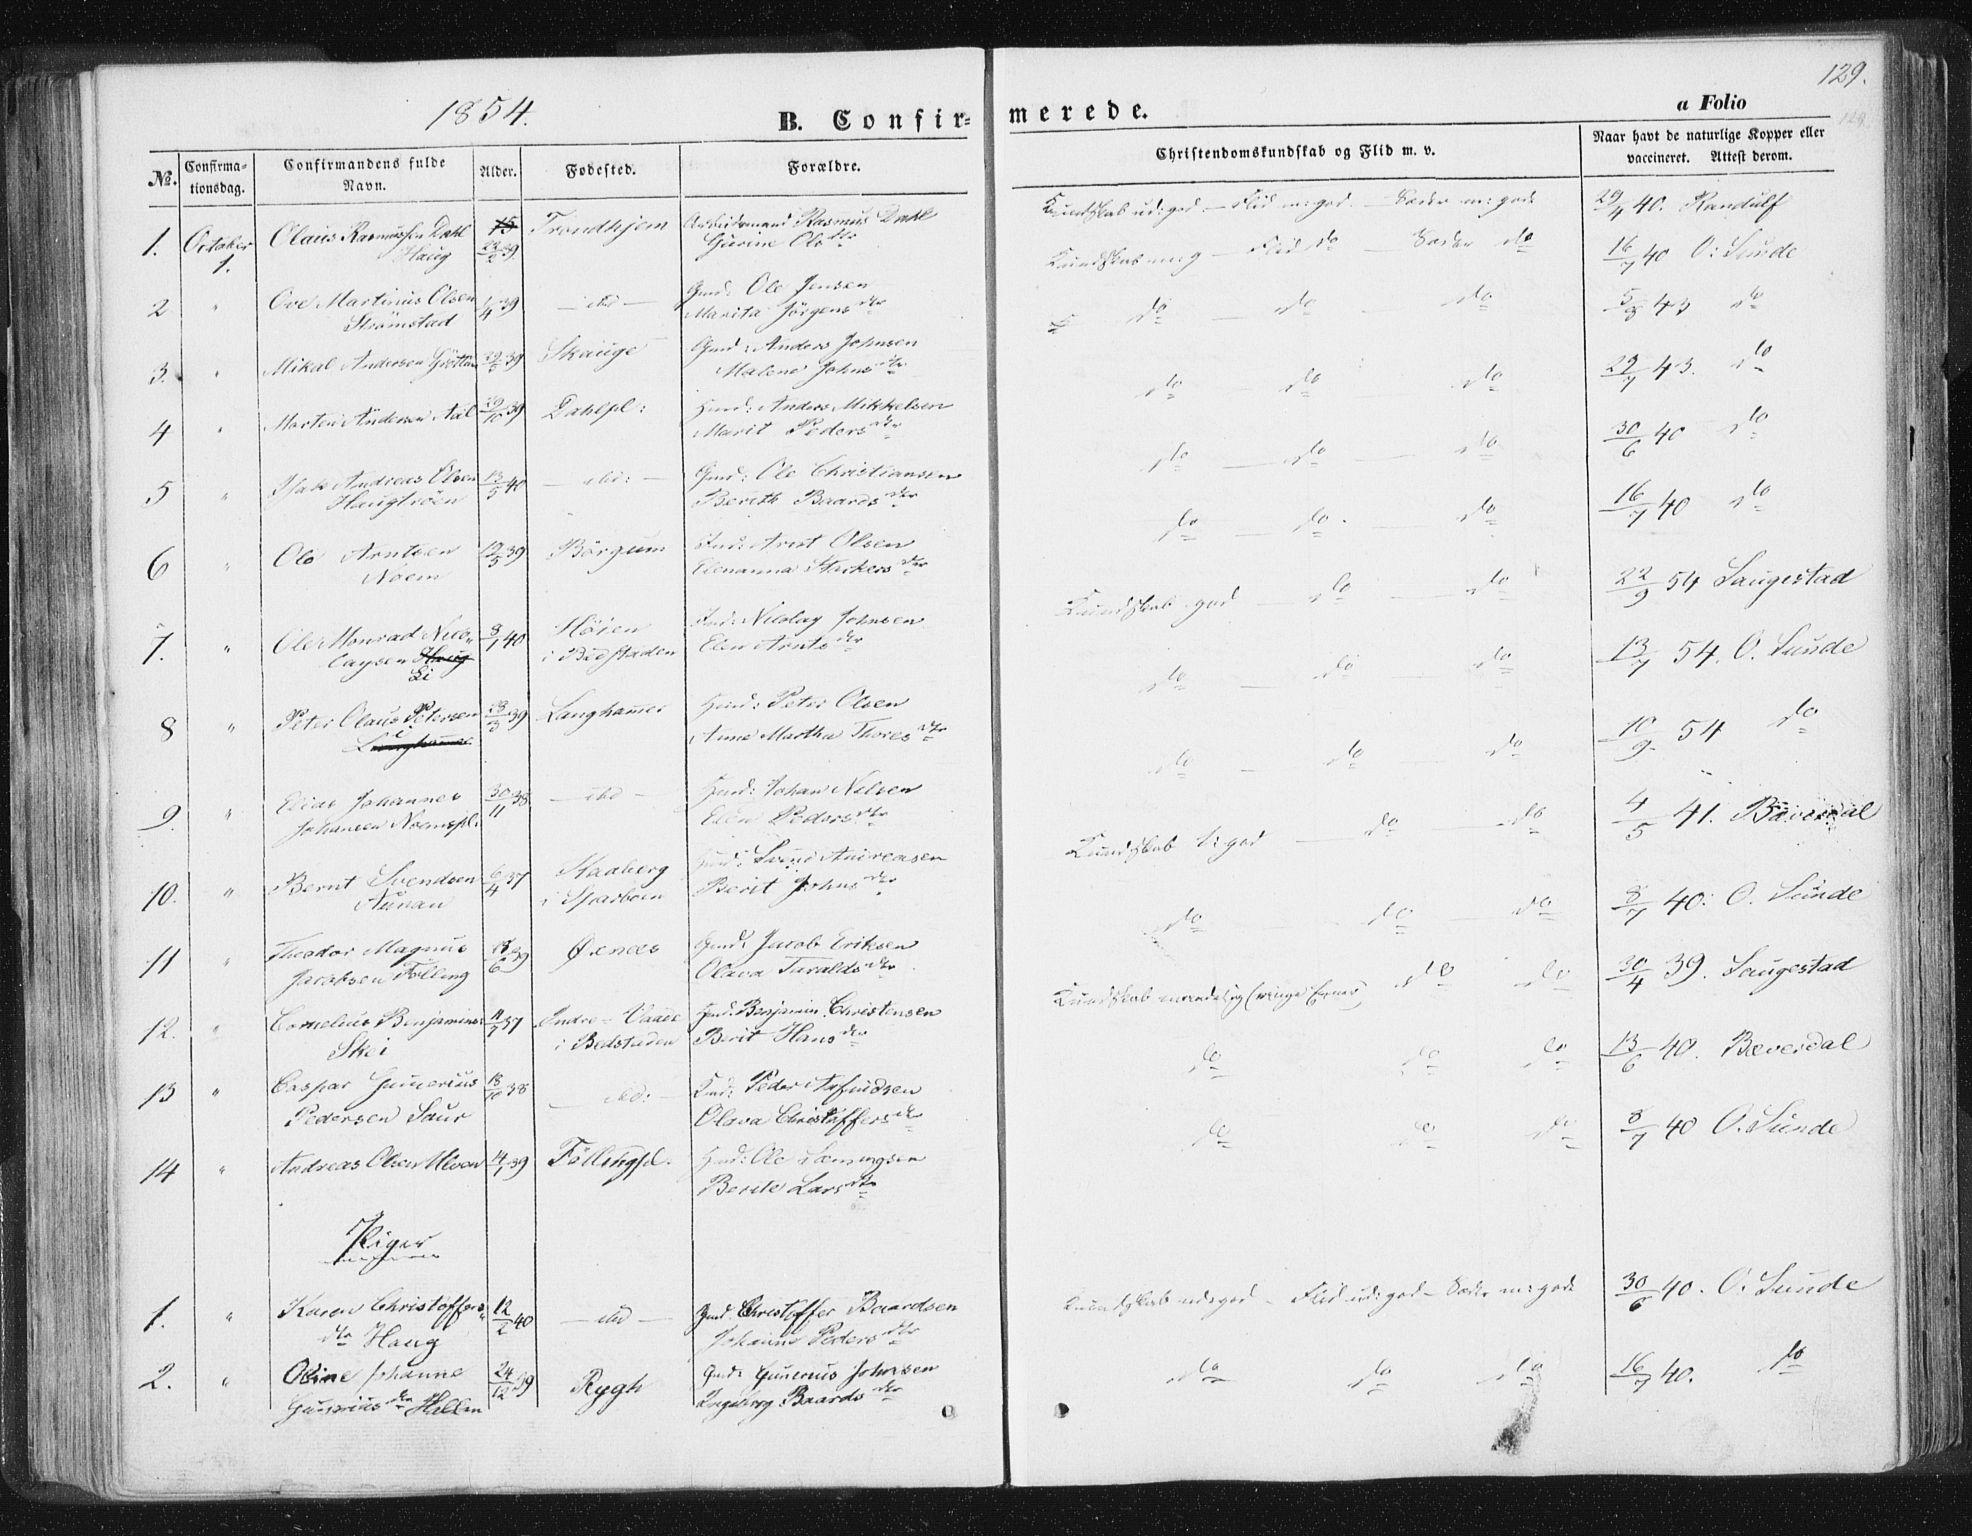 SAT, Ministerialprotokoller, klokkerbøker og fødselsregistre - Nord-Trøndelag, 746/L0446: Ministerialbok nr. 746A05, 1846-1859, s. 129